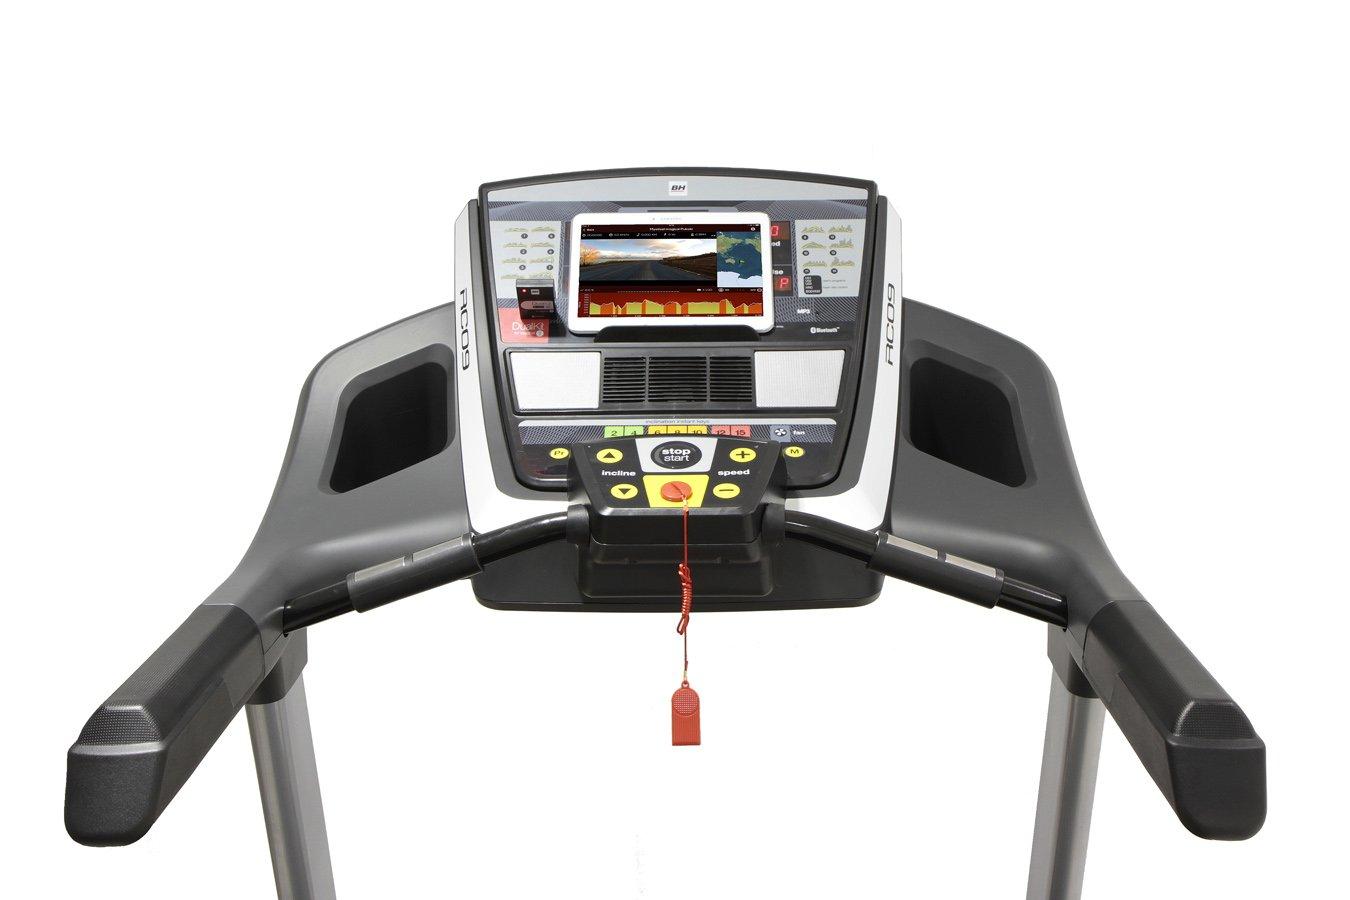 Bh Fitness RC09 G6180 - Cinta de Correr, Motor 4.0 Cv - 22 Km/h ...